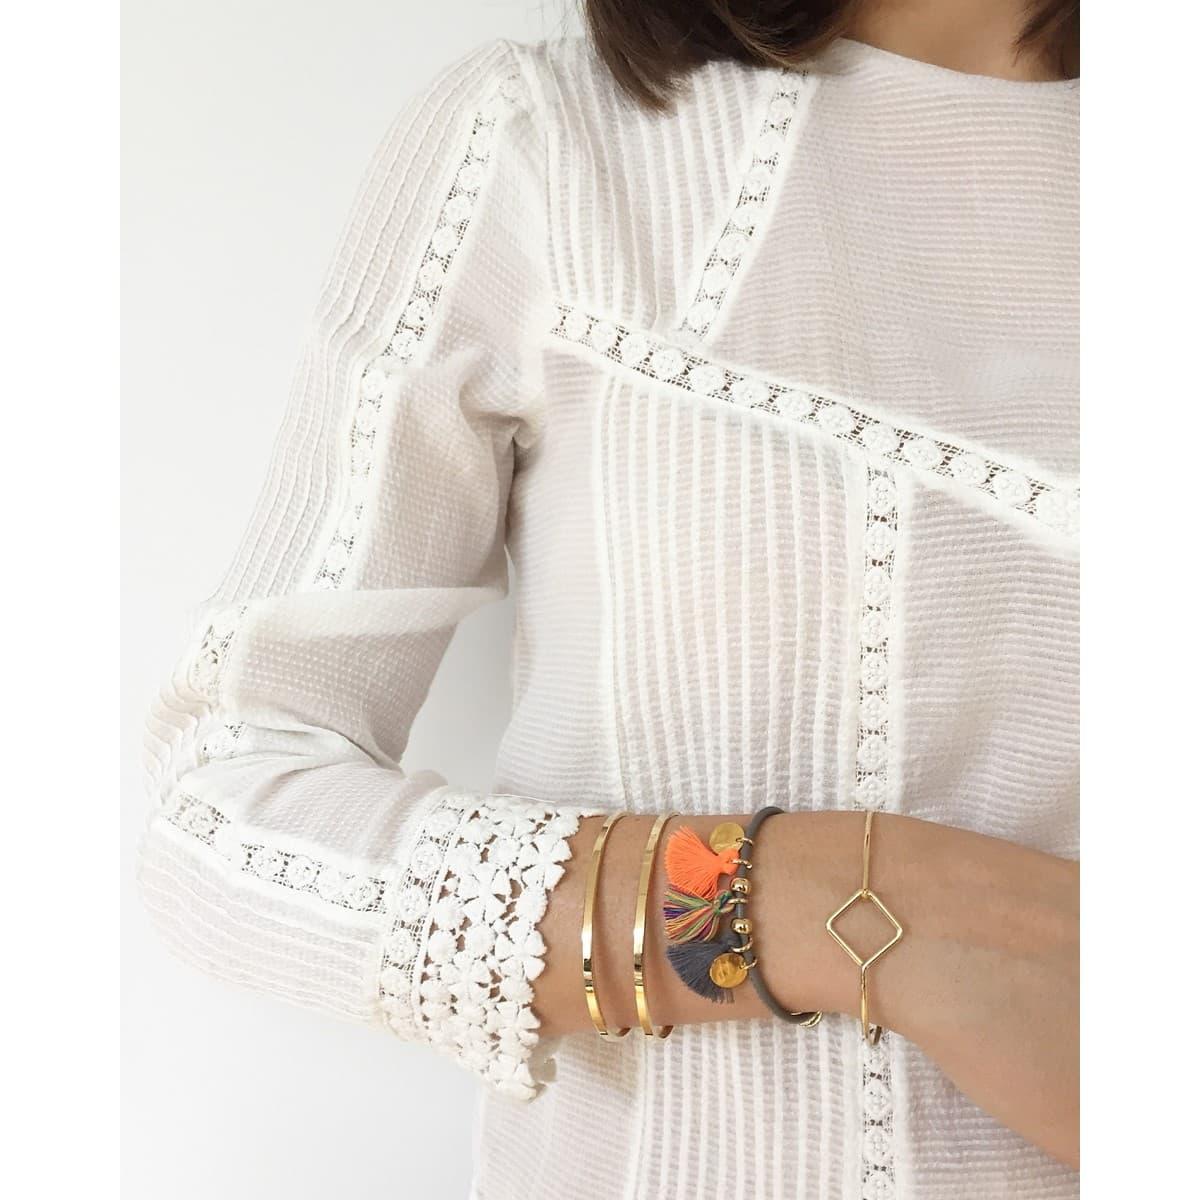 pulsera sequin piel cuero pompon coralie de seynes joyas mujer